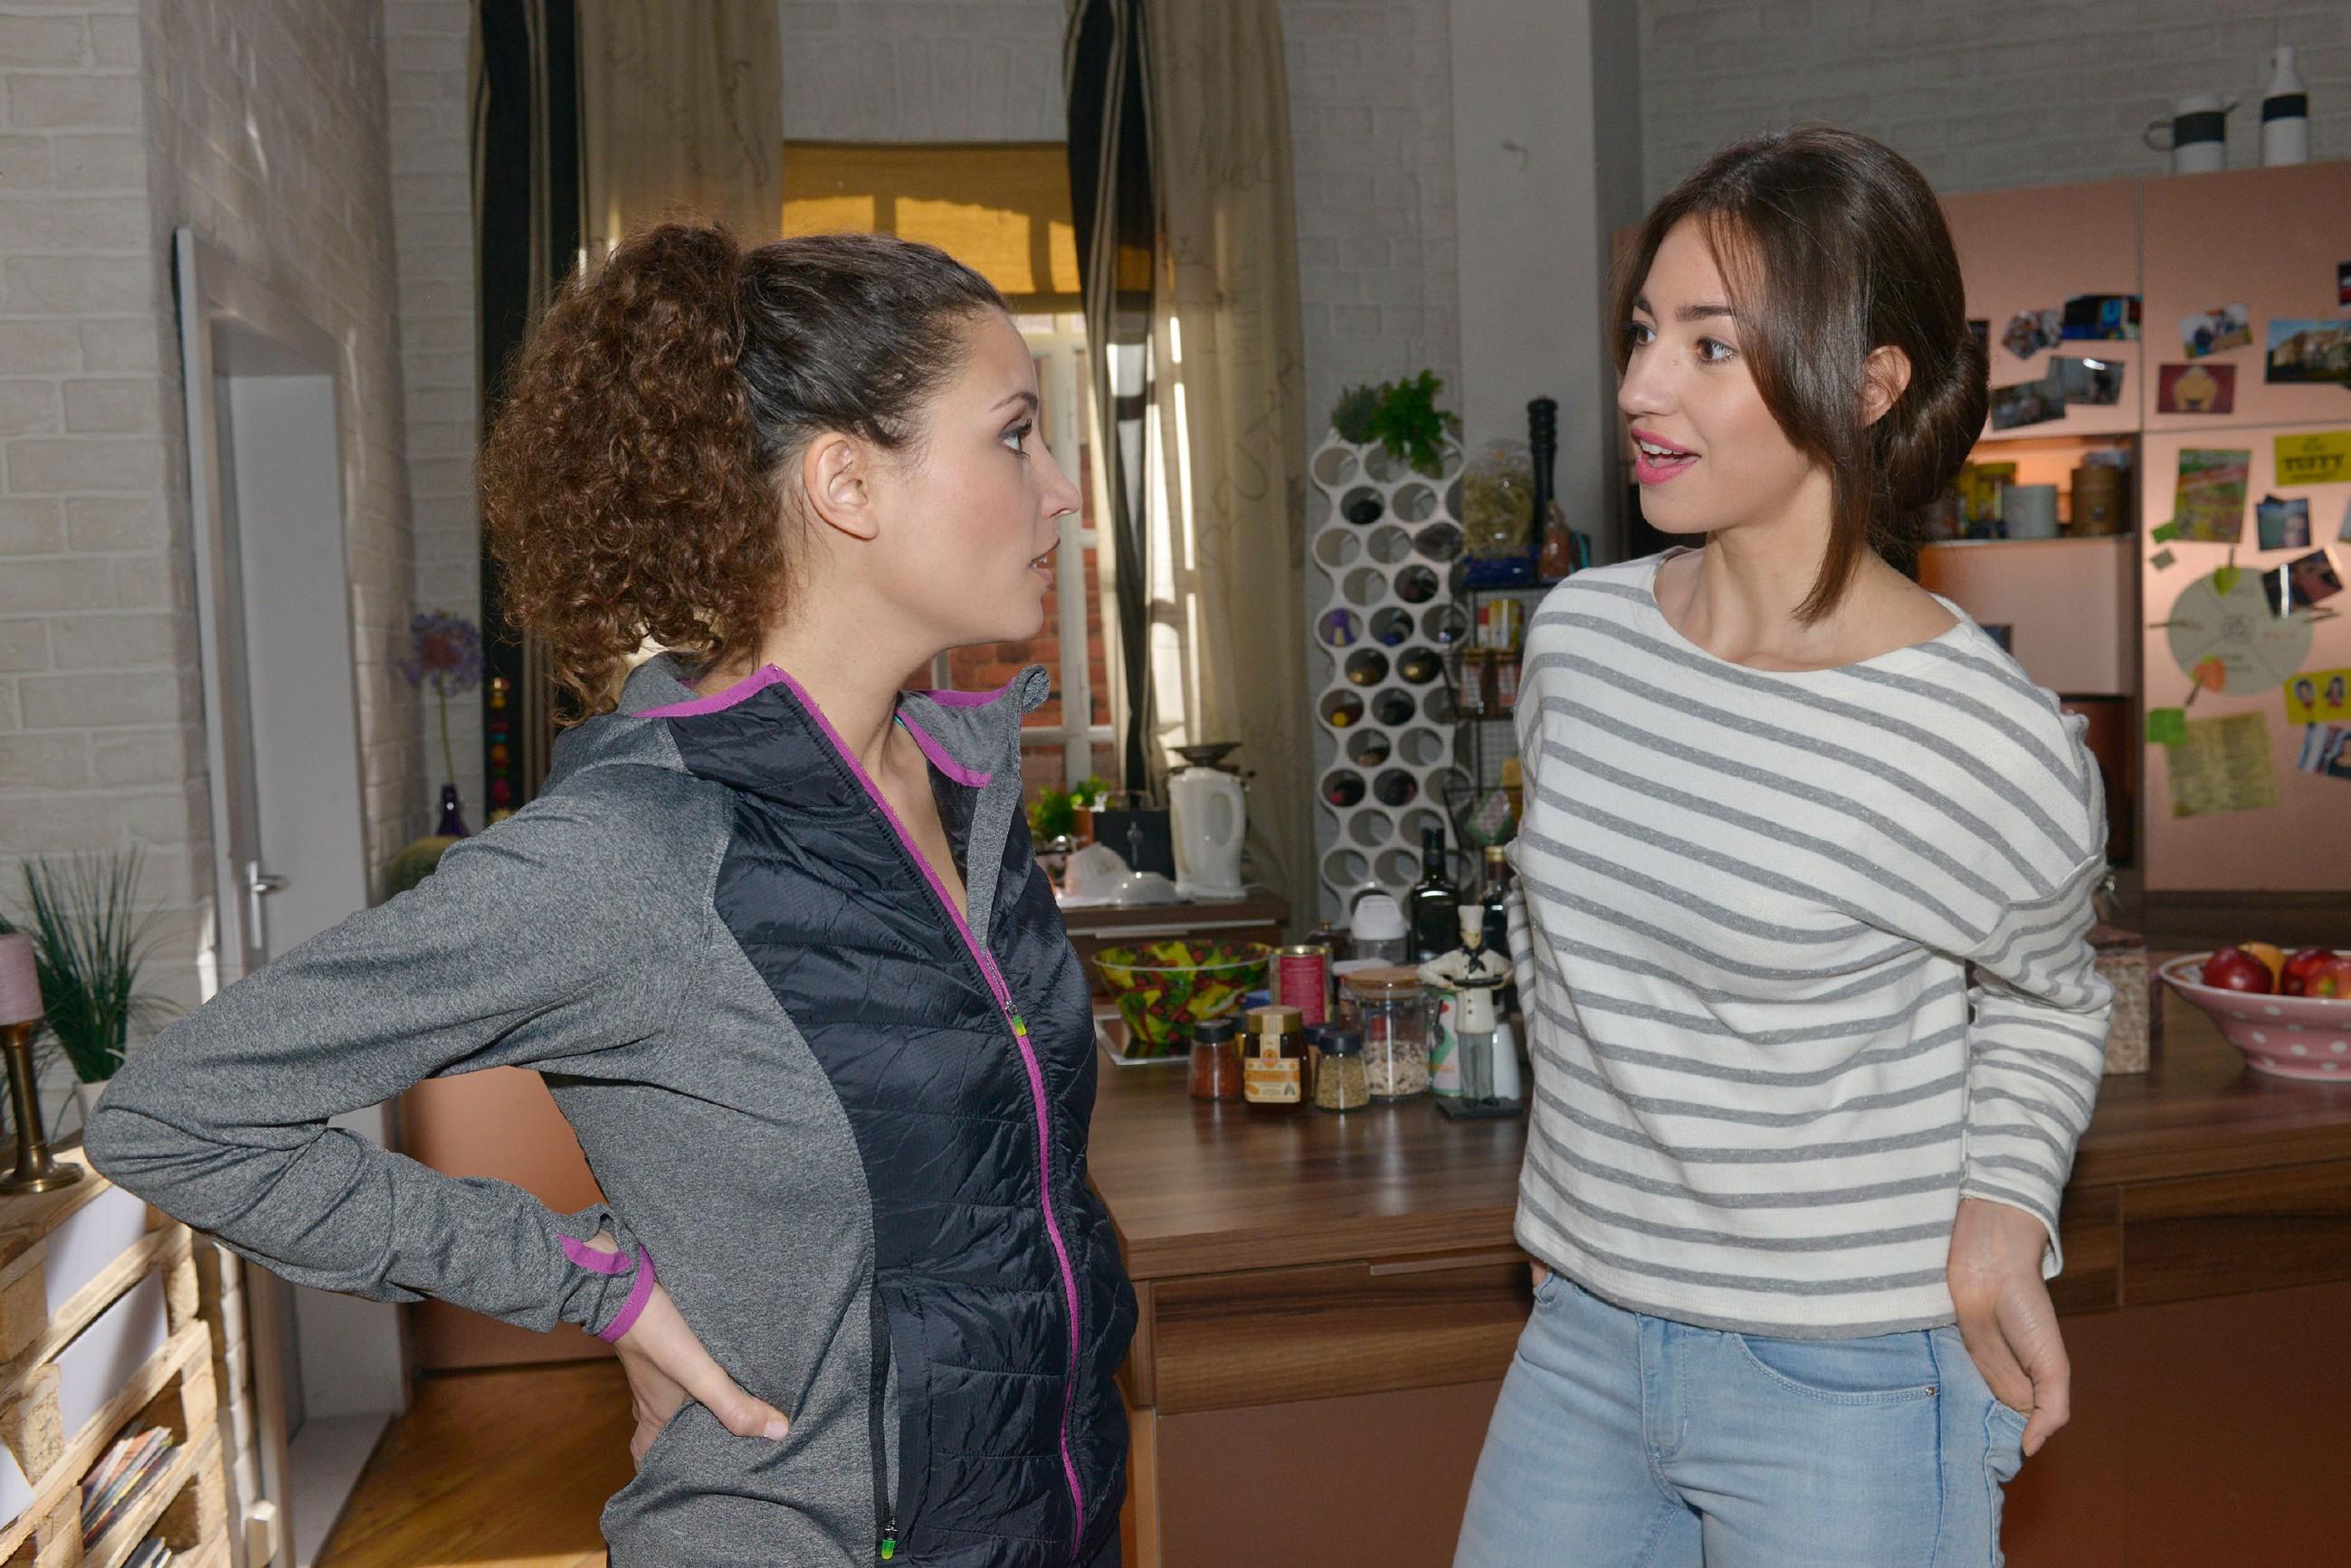 Ayla (Nadine Menz, l.) versucht ihr Interesse an David vor Elena (Elena Garcia Gerlach) herunterzuspielen. (Quelle: RTL / Rolf Baumgartner)